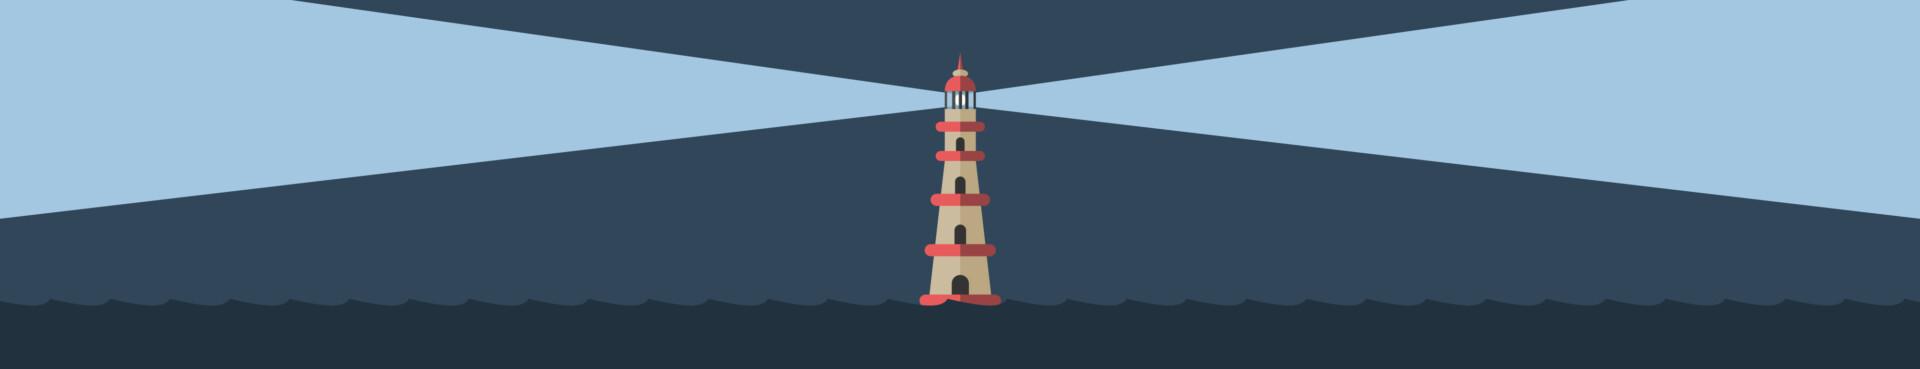 AHW Unternehmerkanzlei - Leuchtturm Background